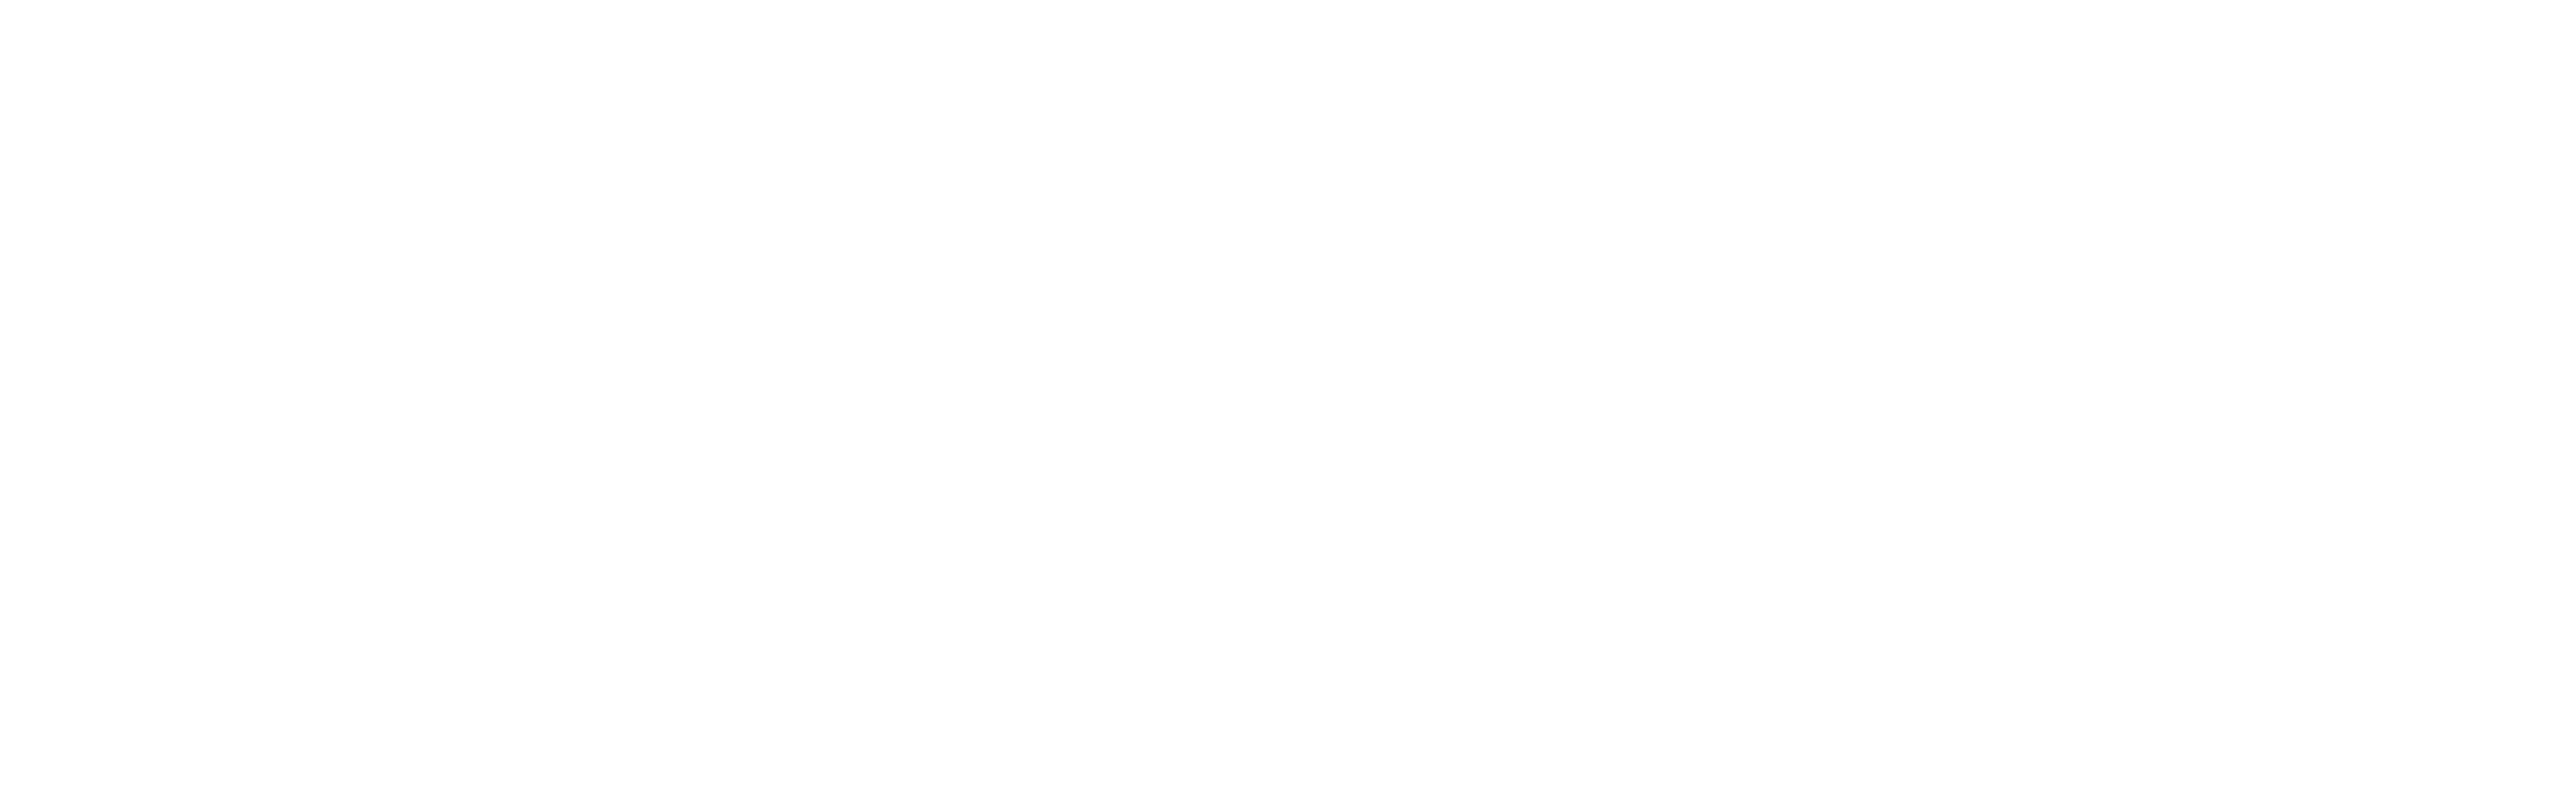 Tonstudio Dachstein